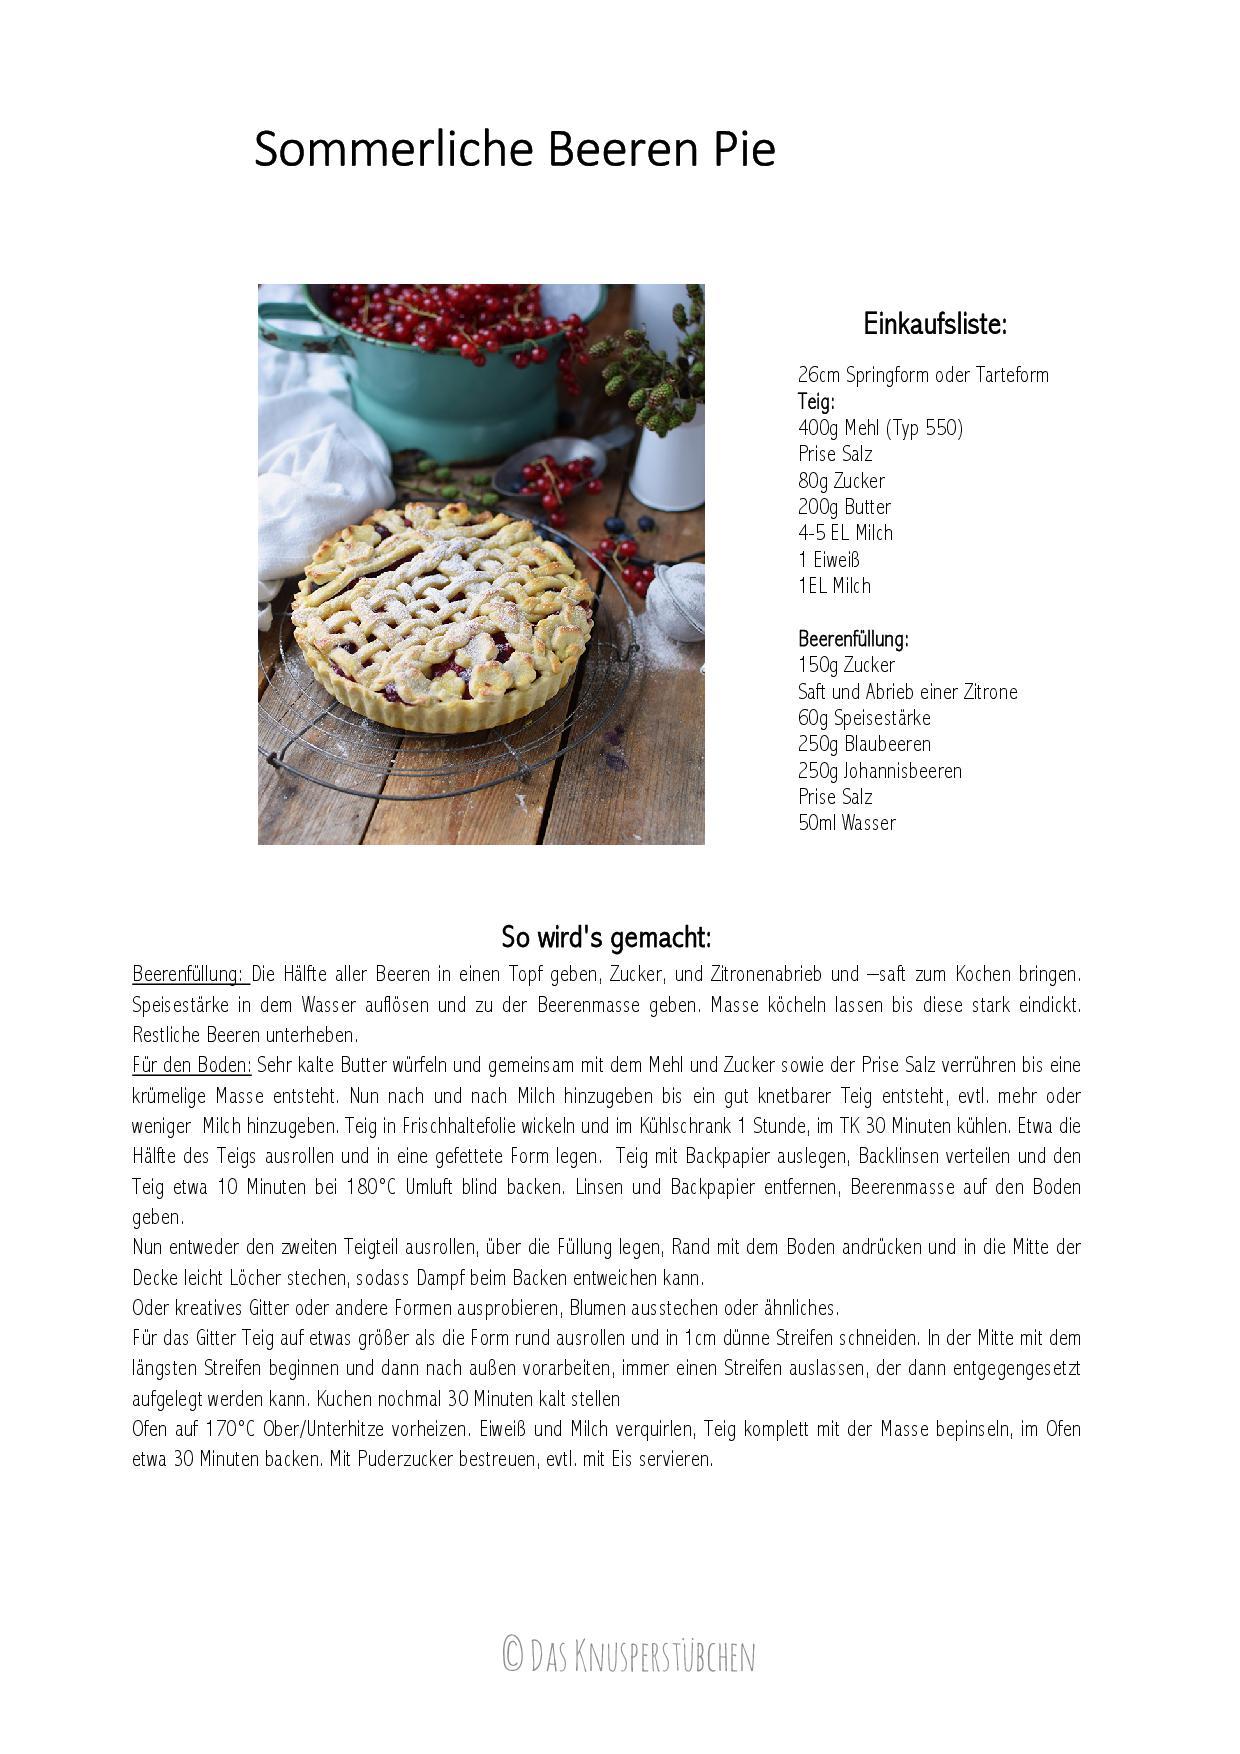 Beeren Pie Rezept-001